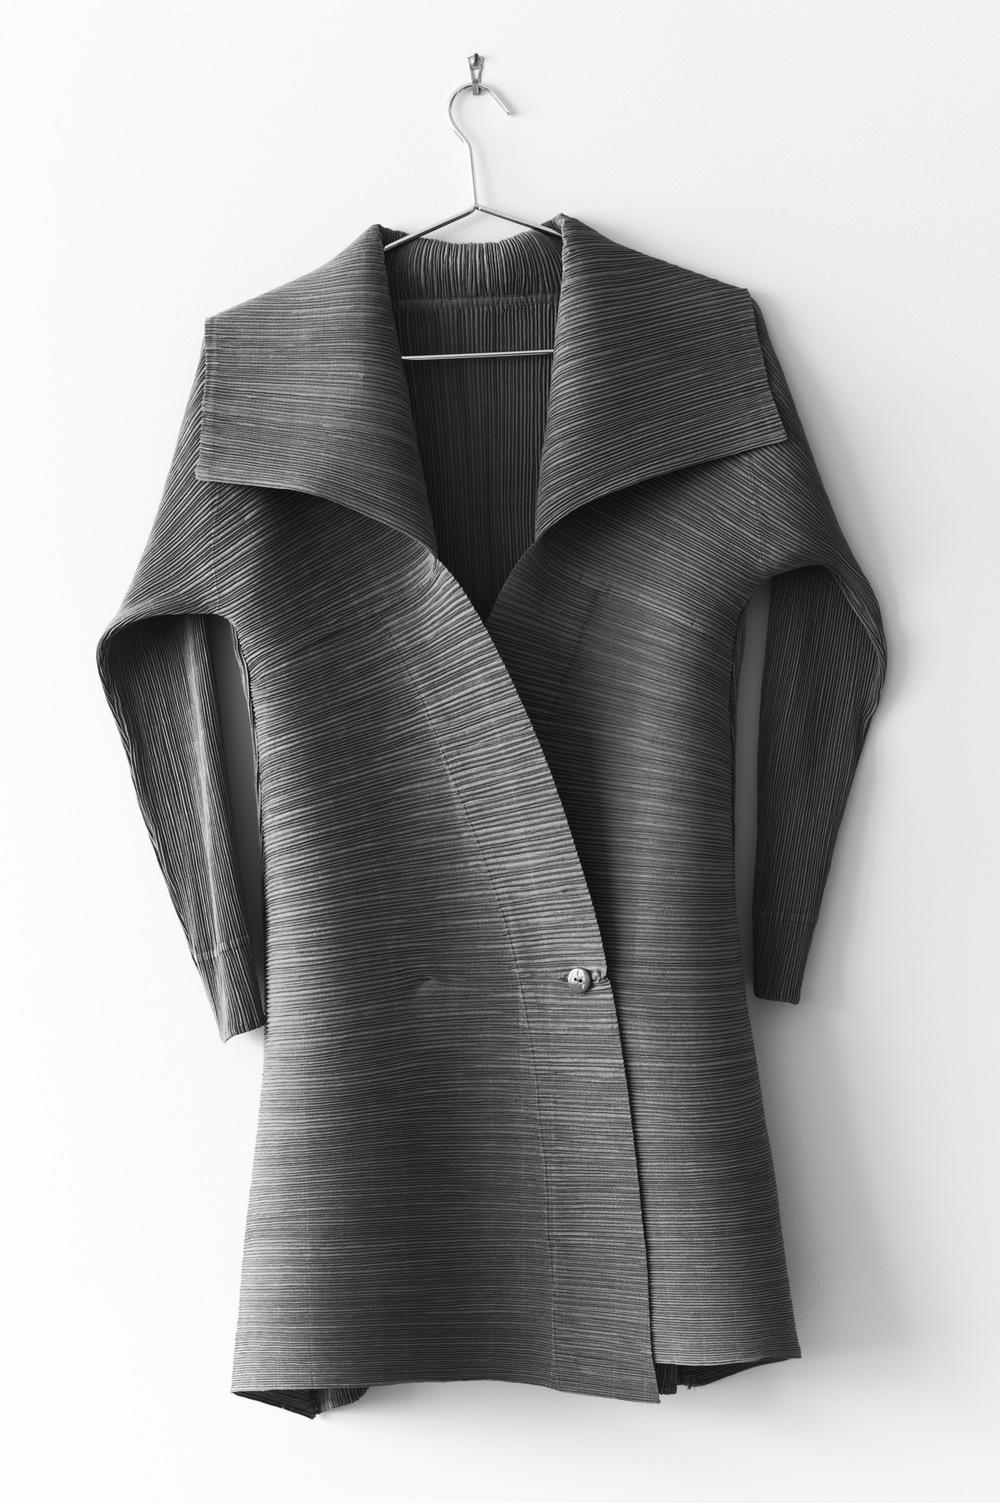 Coat frontbw.jpg